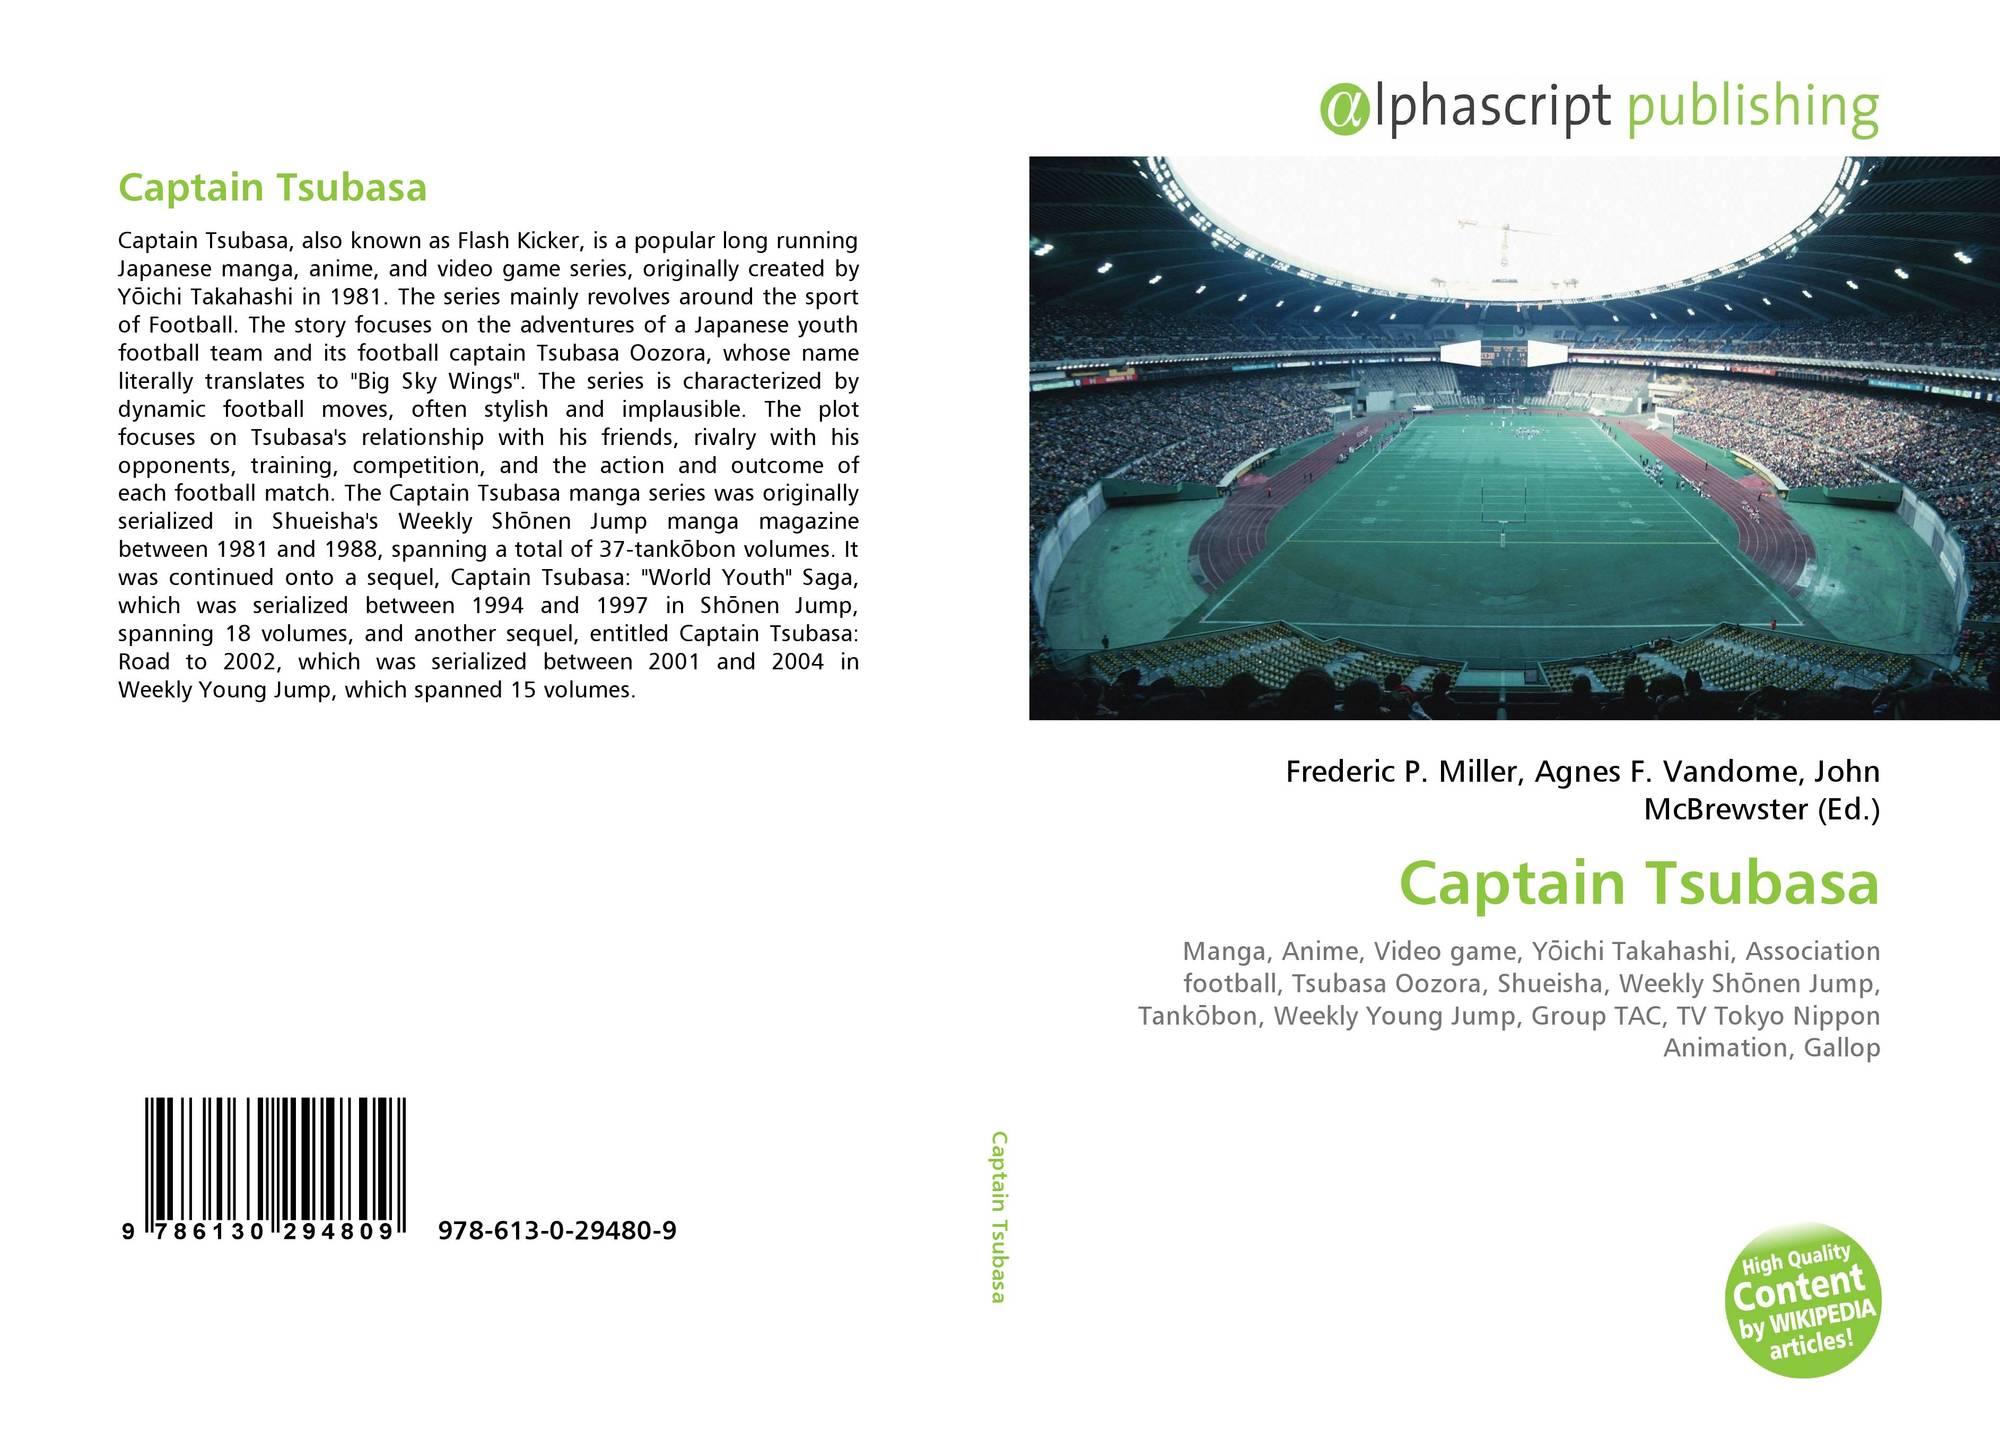 Captain Tsubasa, 978-613-0-29480-9, 6130294808 ,9786130294809